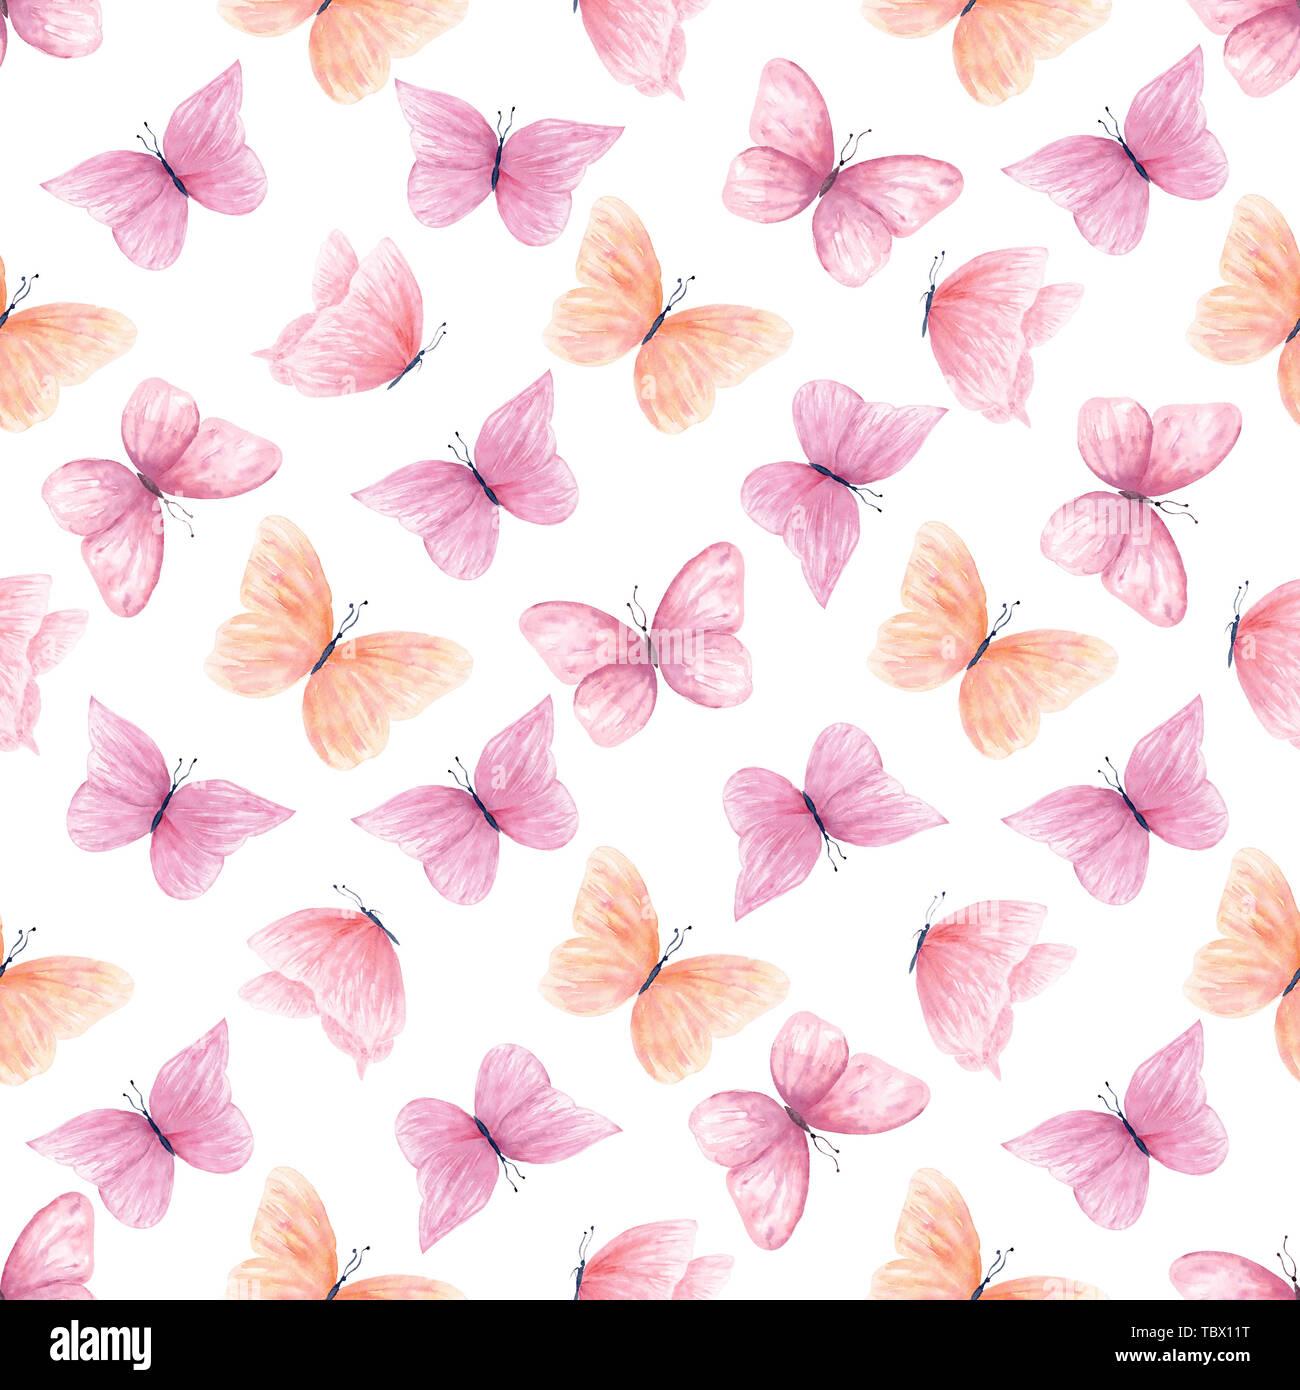 Aquarelle papillons colorés motif transparent Photo Stock